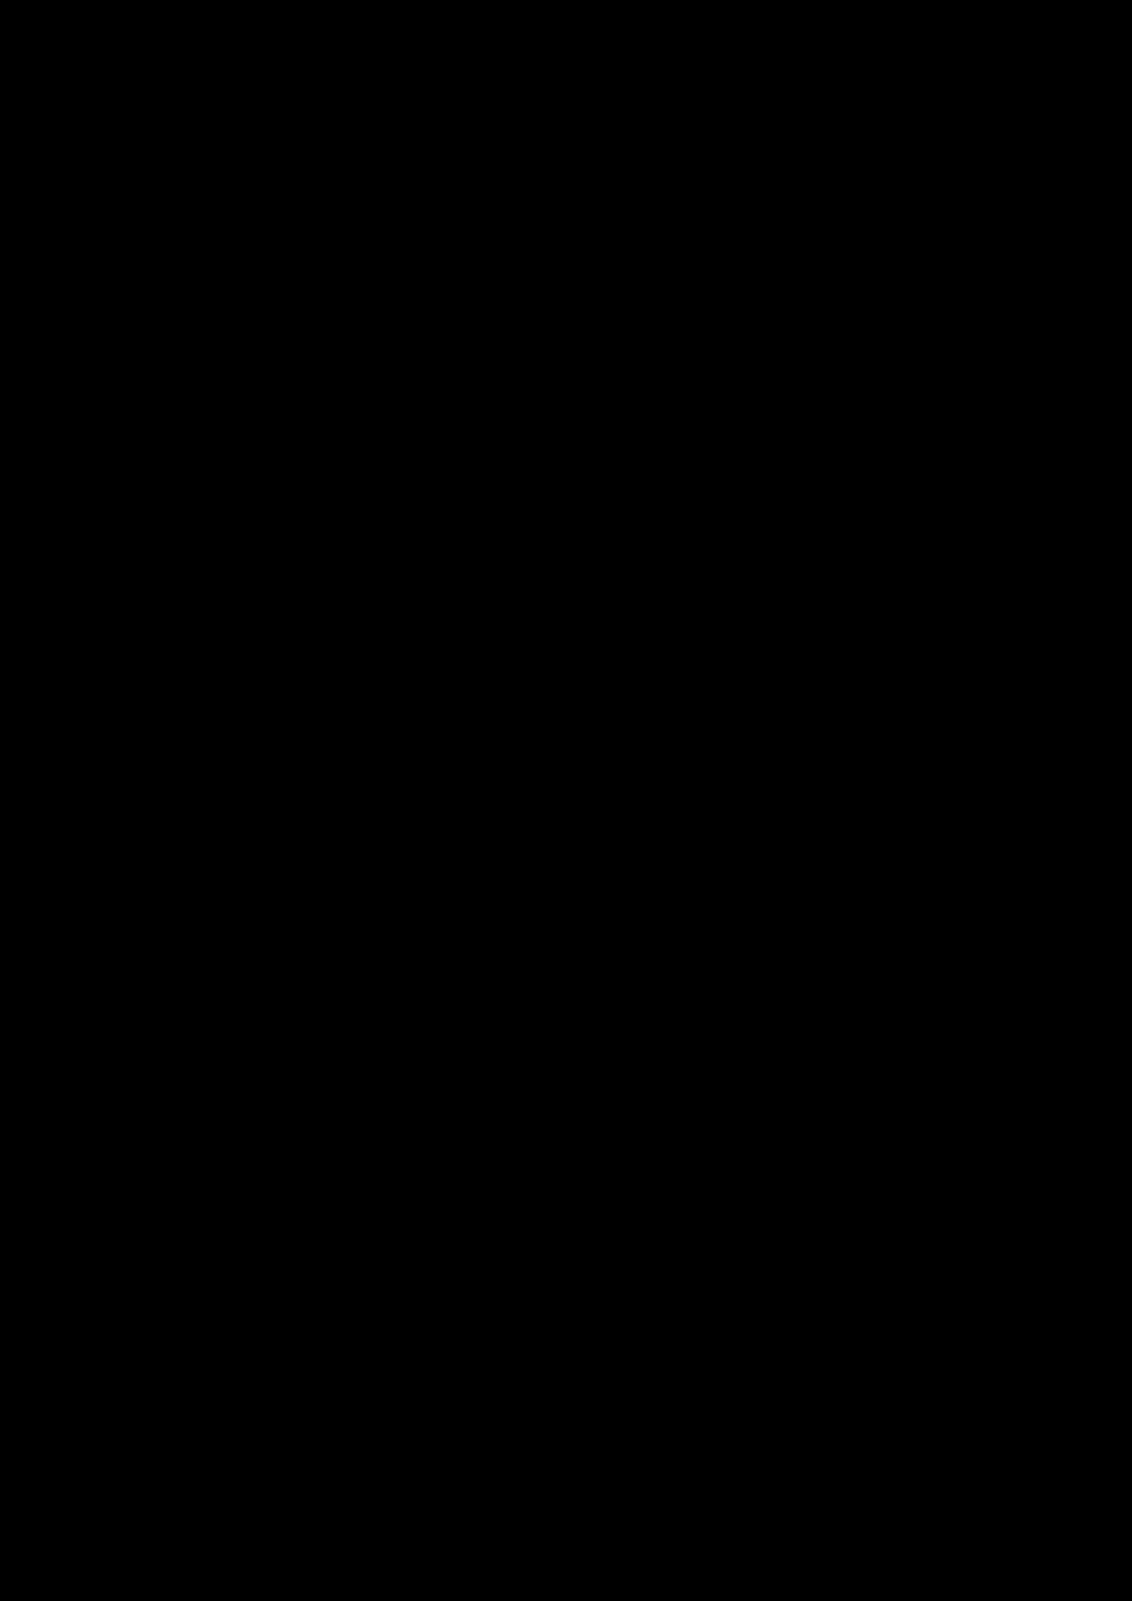 Vyibor Est slide, Image 55